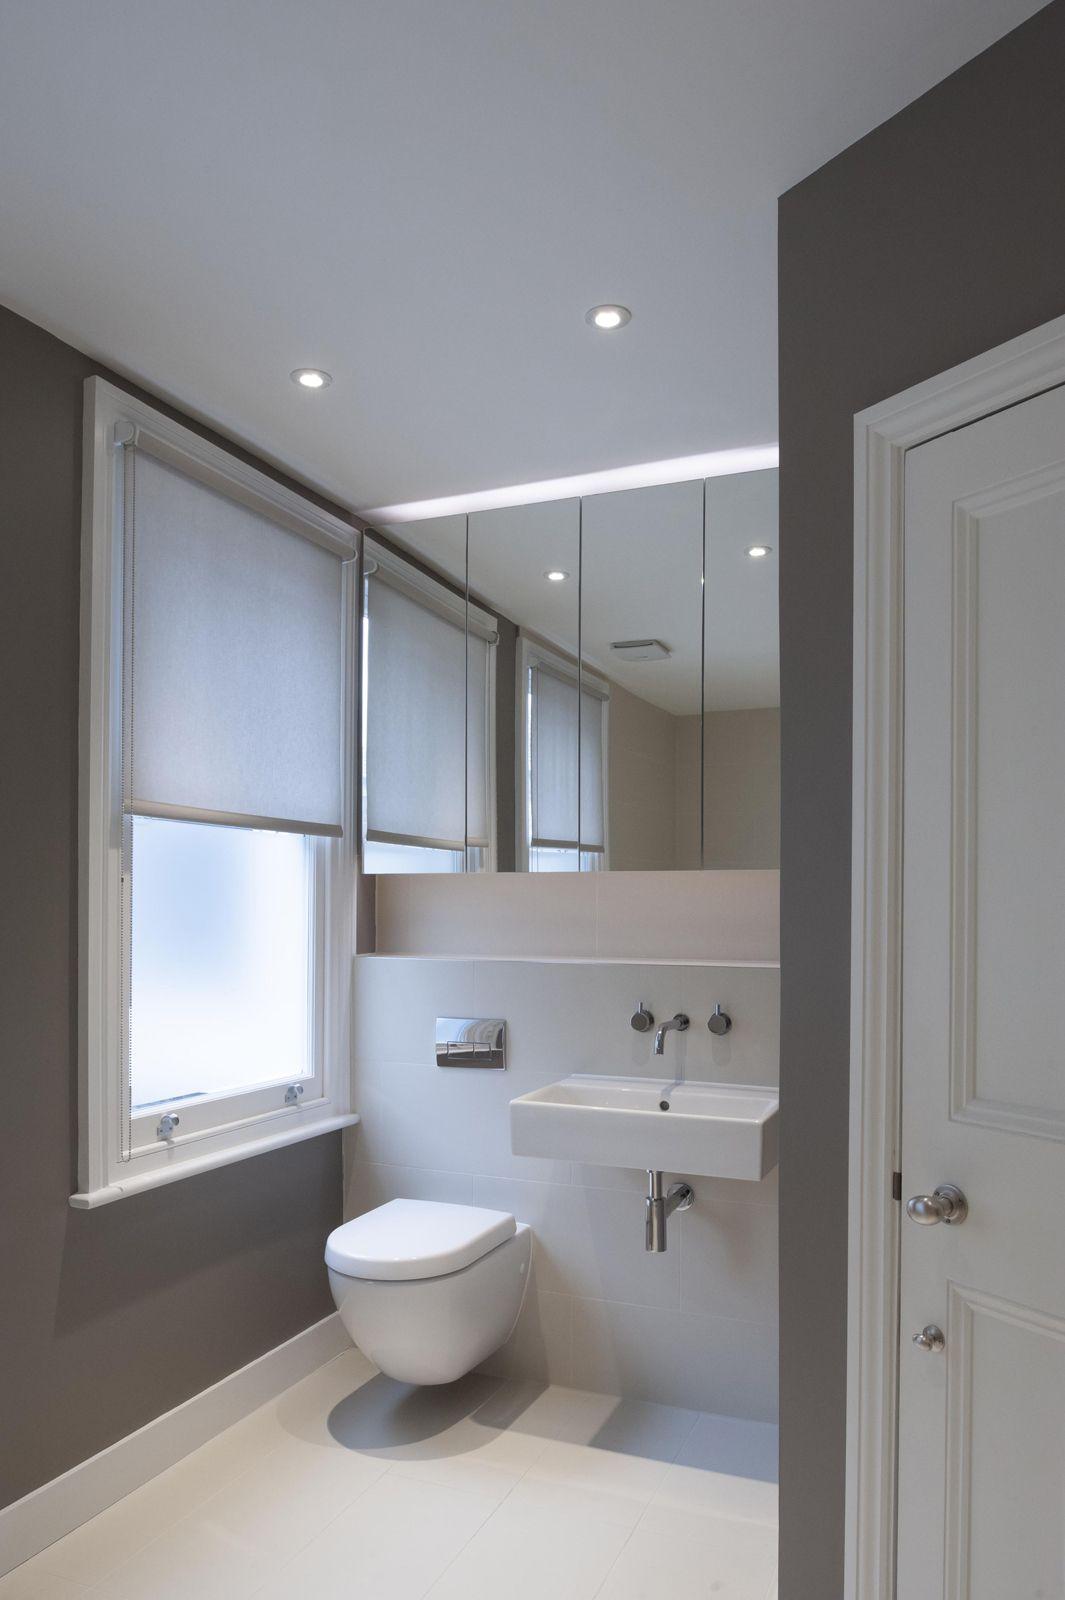 die besten 25 verborgene zisterne ideen auf pinterest wc raum ideen garderobe und. Black Bedroom Furniture Sets. Home Design Ideas